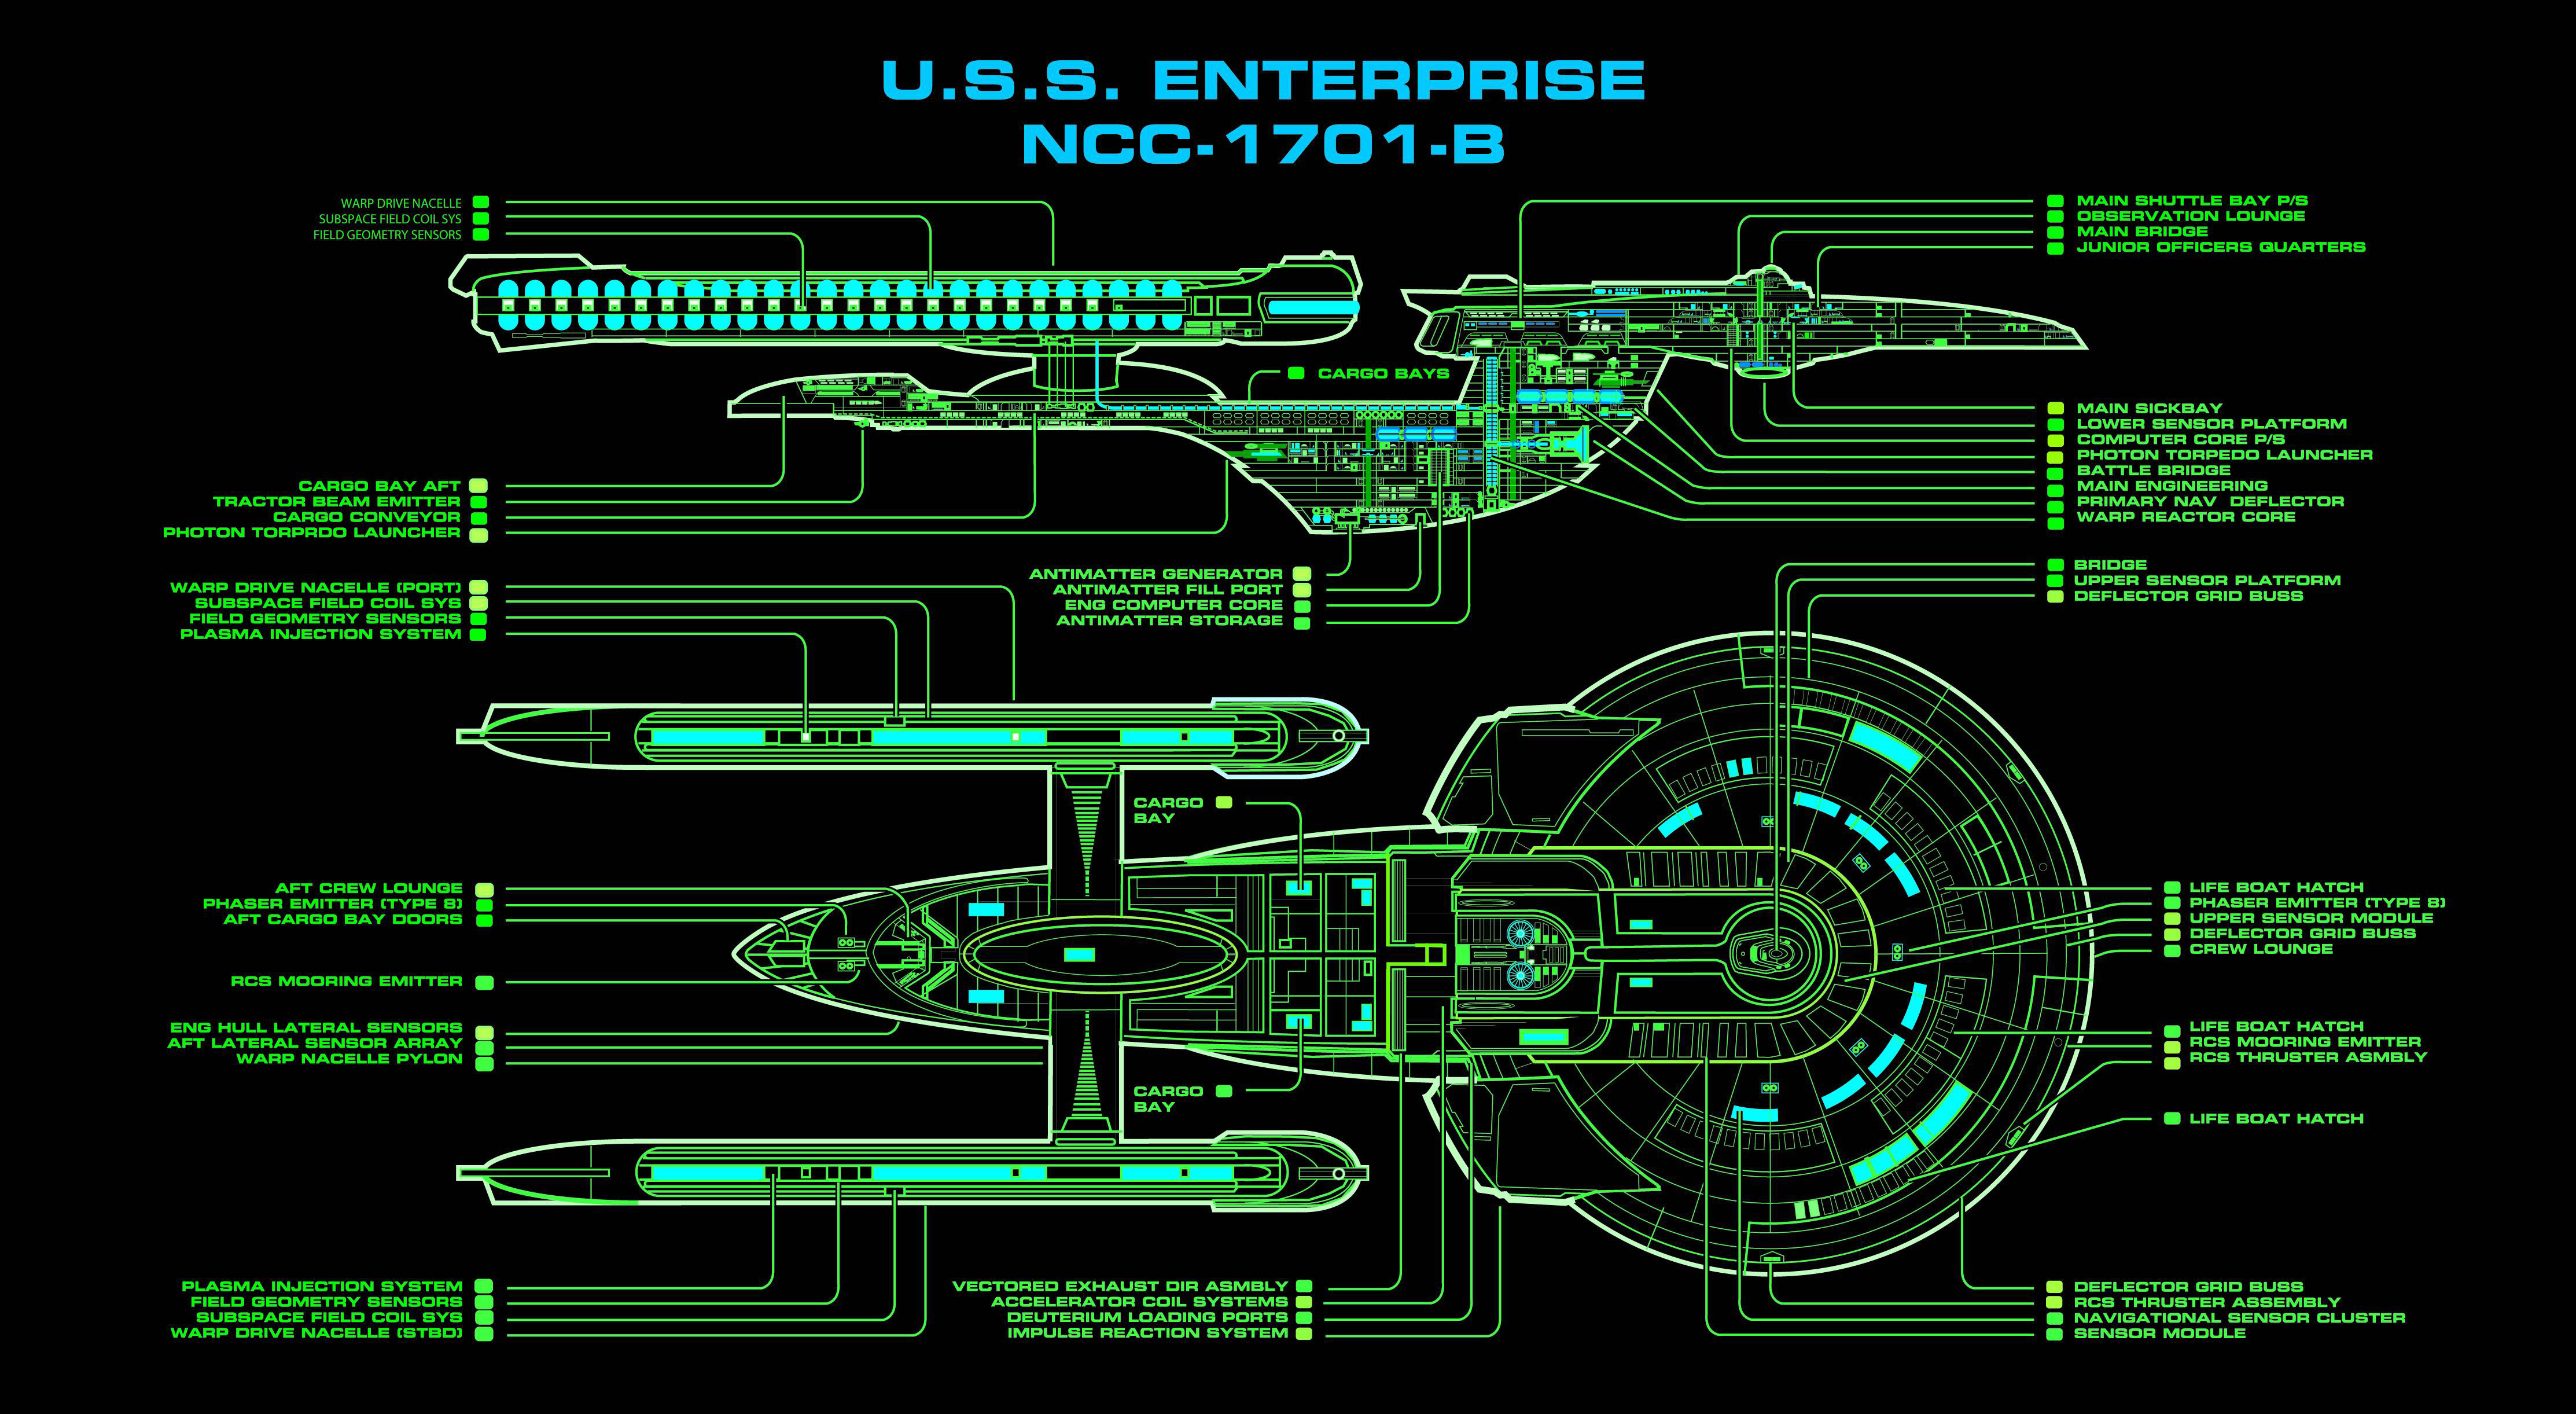 Excelsior class decks